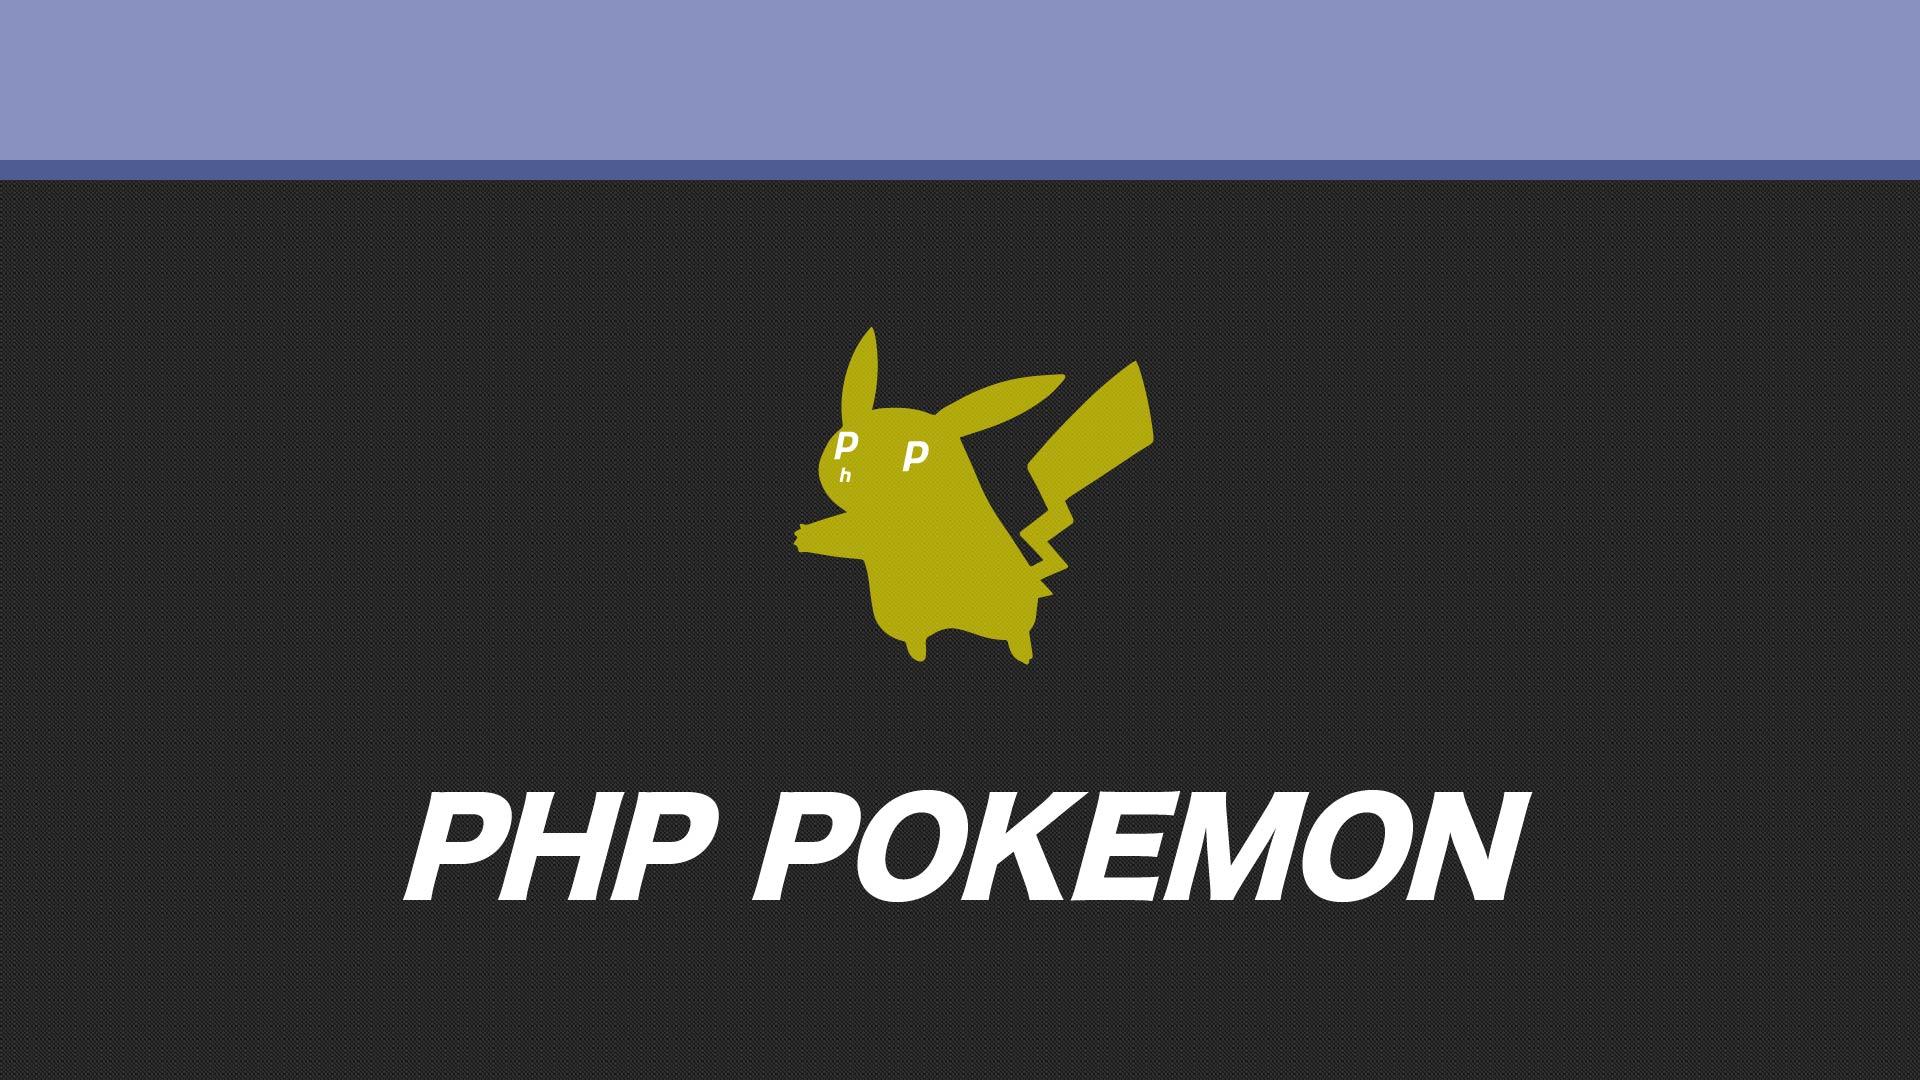 PHPポケモン(α)第1回目の大型アプデ